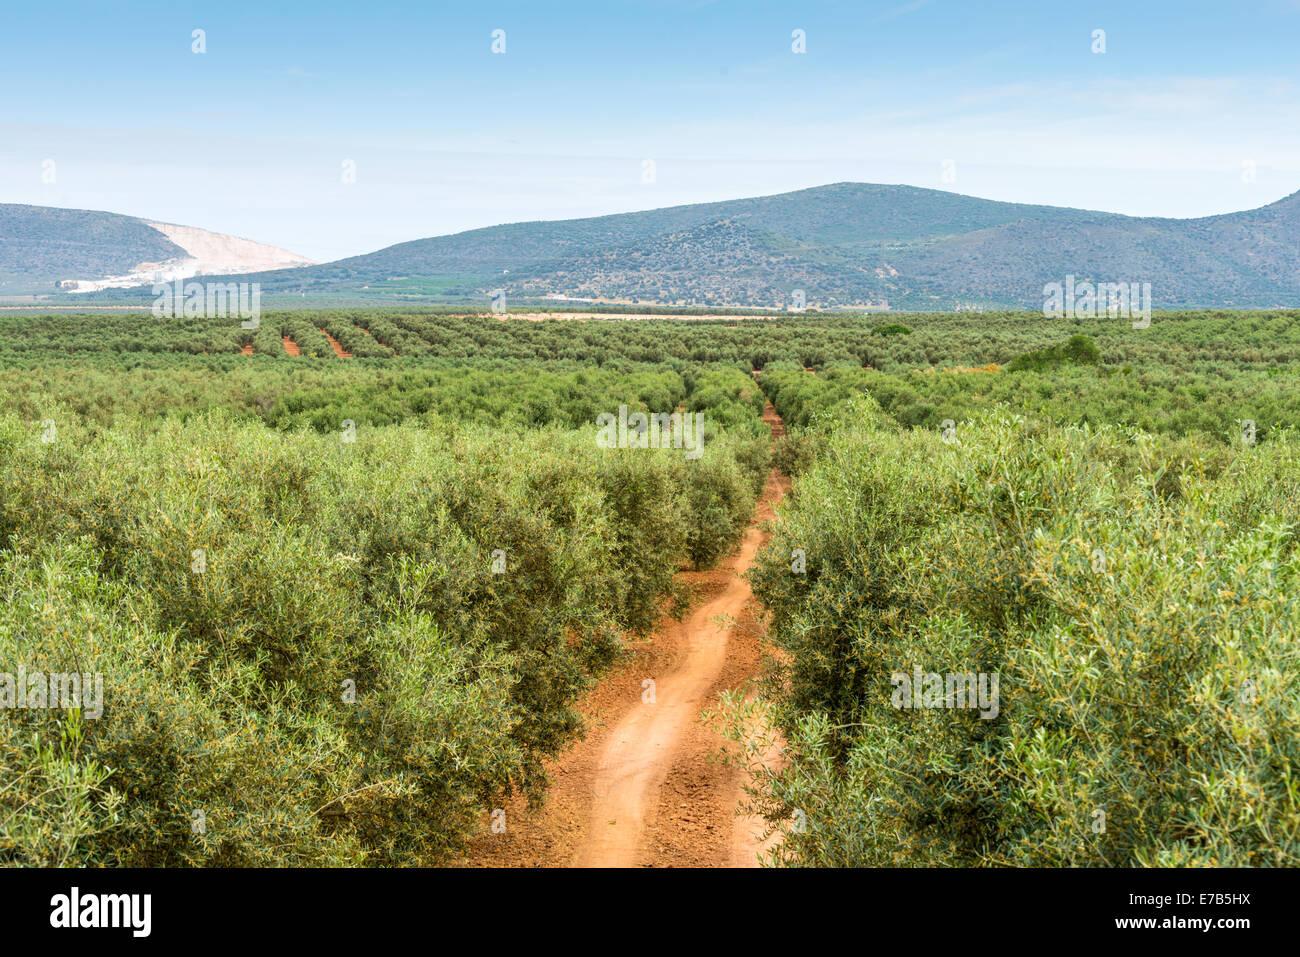 Vista panoramica su ulivi e alberi da frutto piantati in righe. Spagna. Immagini Stock